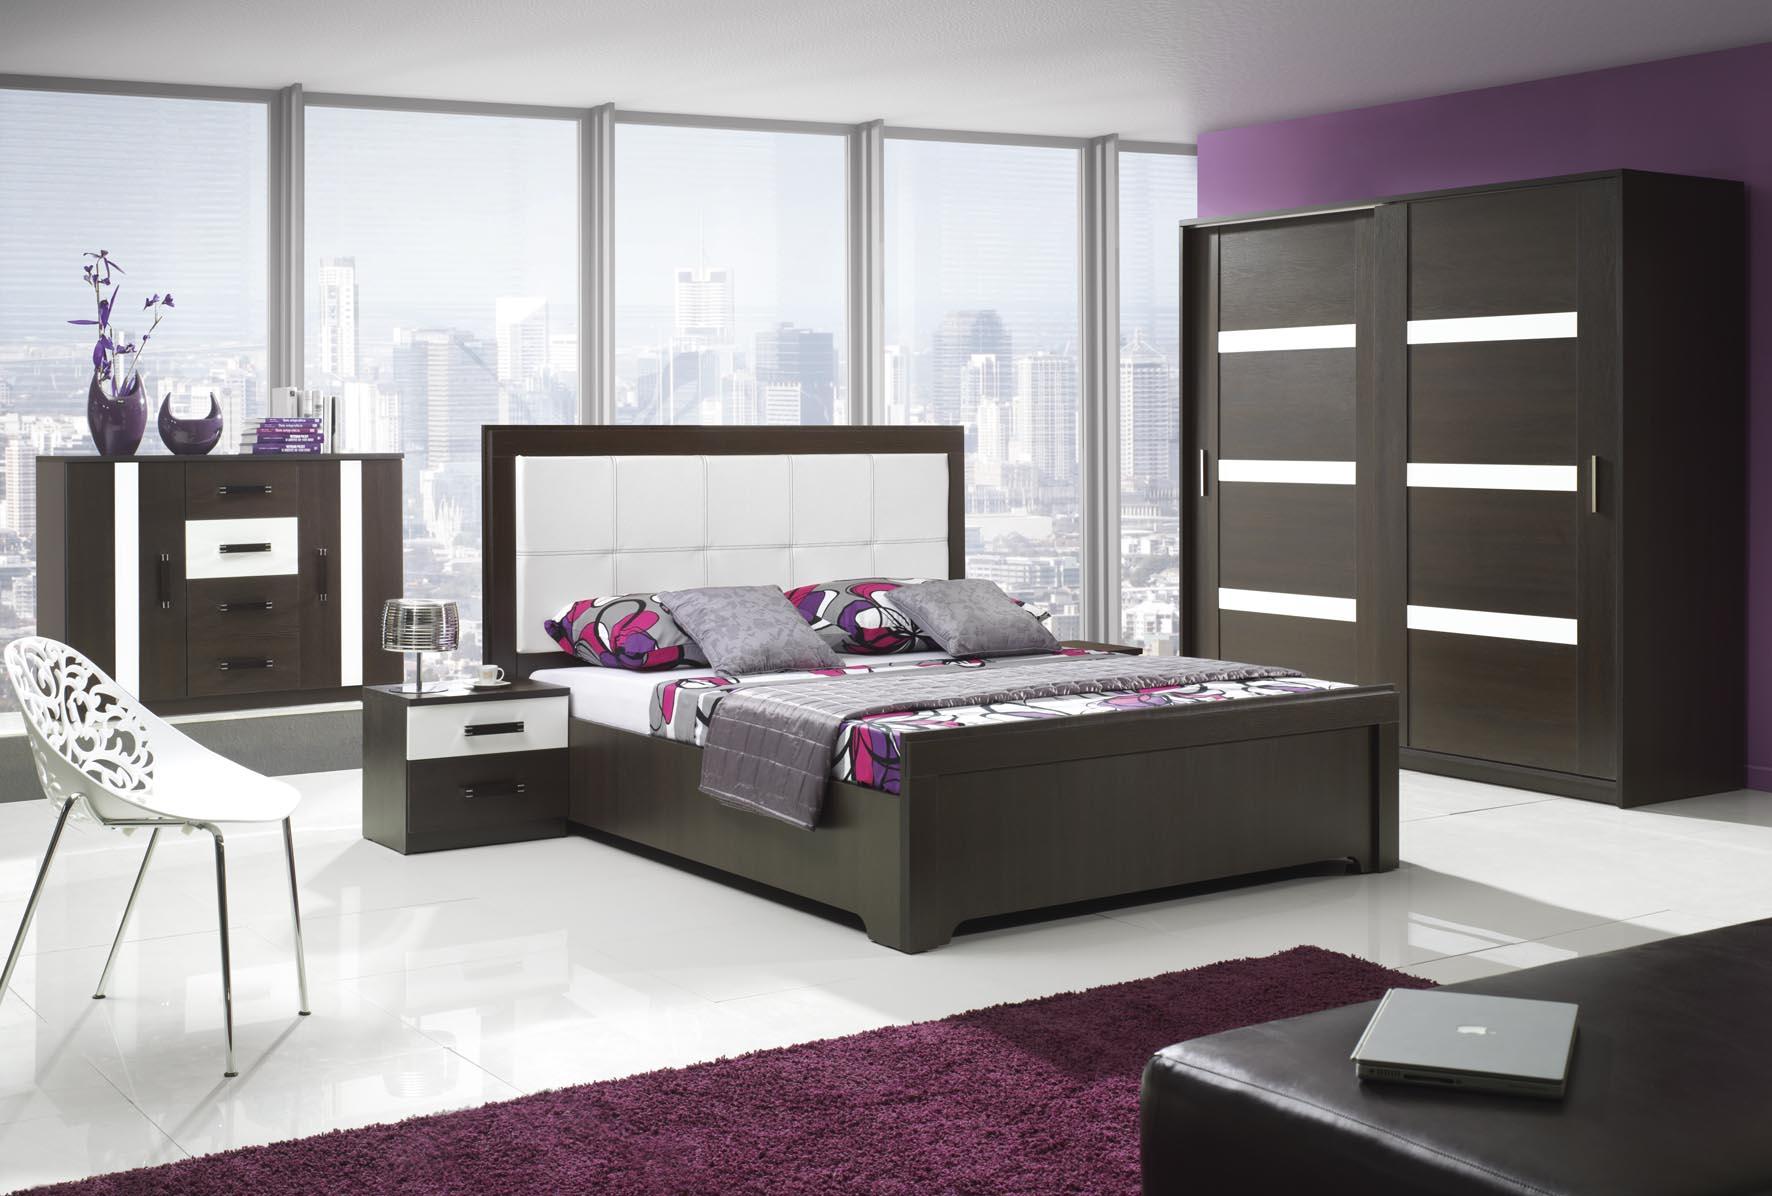 bedroom-furniture-set-